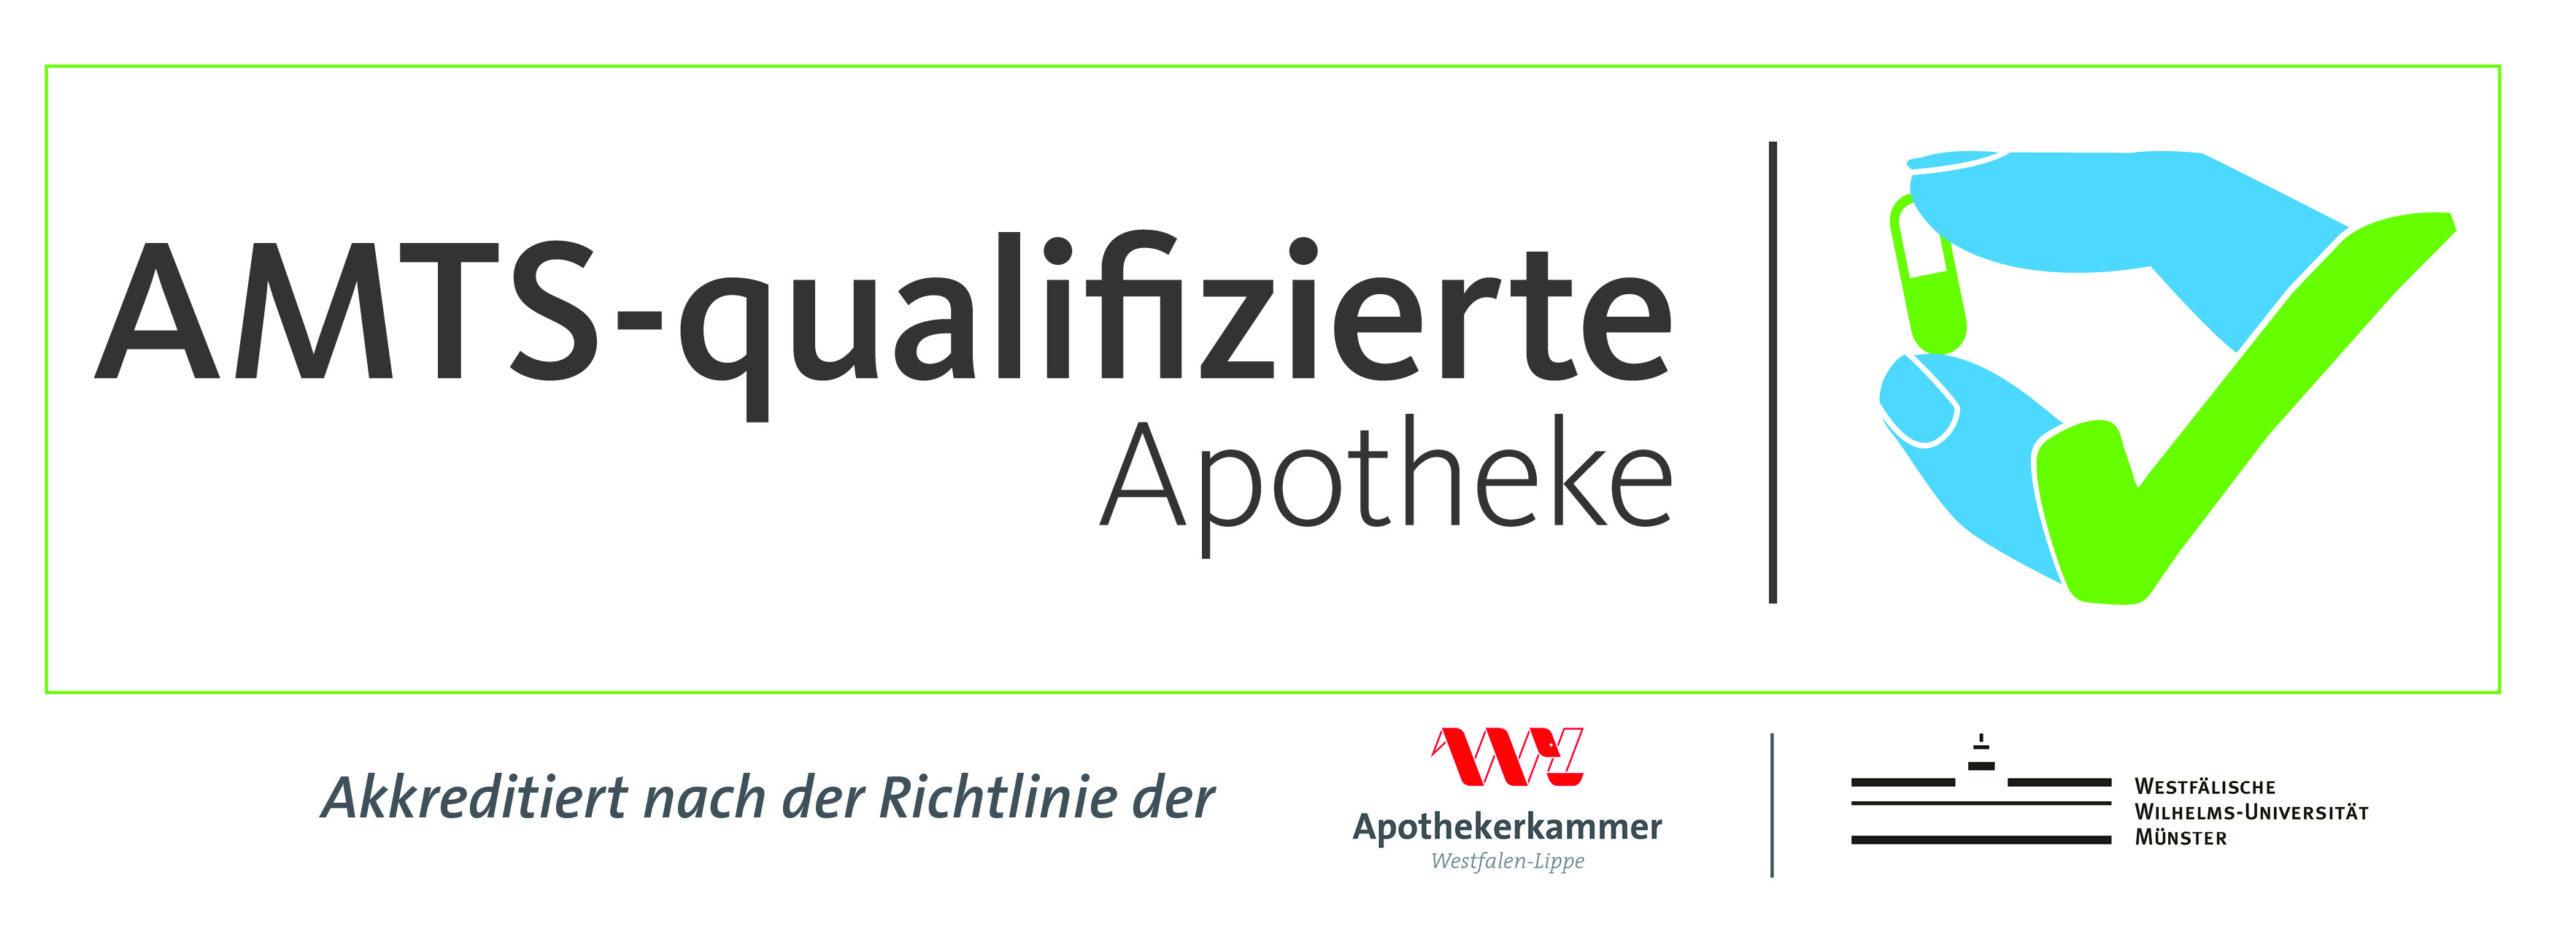 AMTS_Königs-Apotheke M